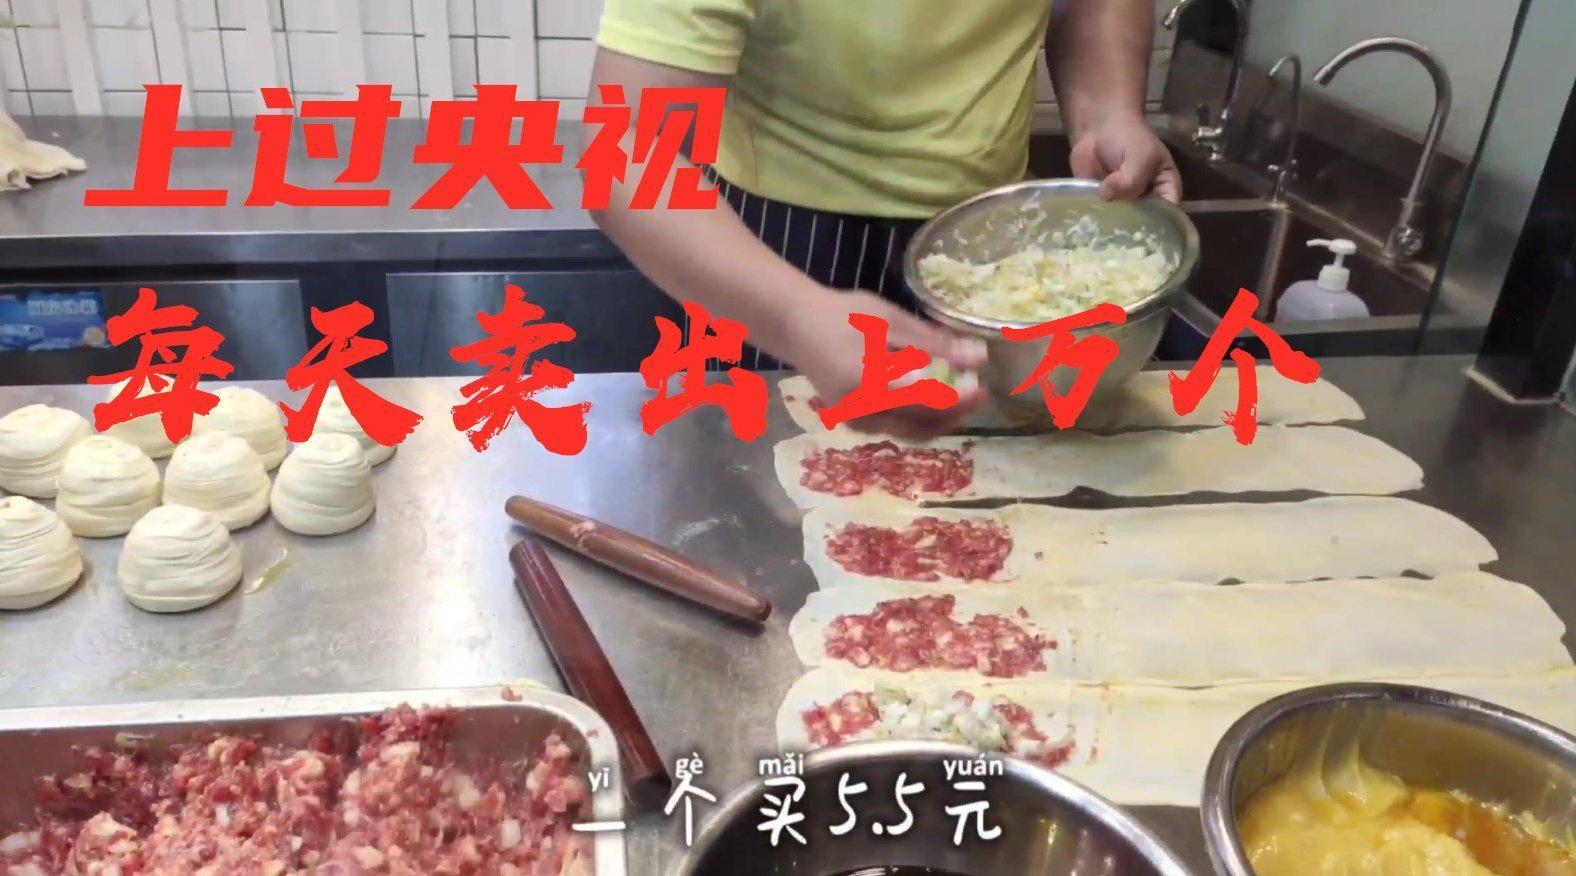 上过央视,武汉江汉路这家牛肉饼店,每天卖出上万个!